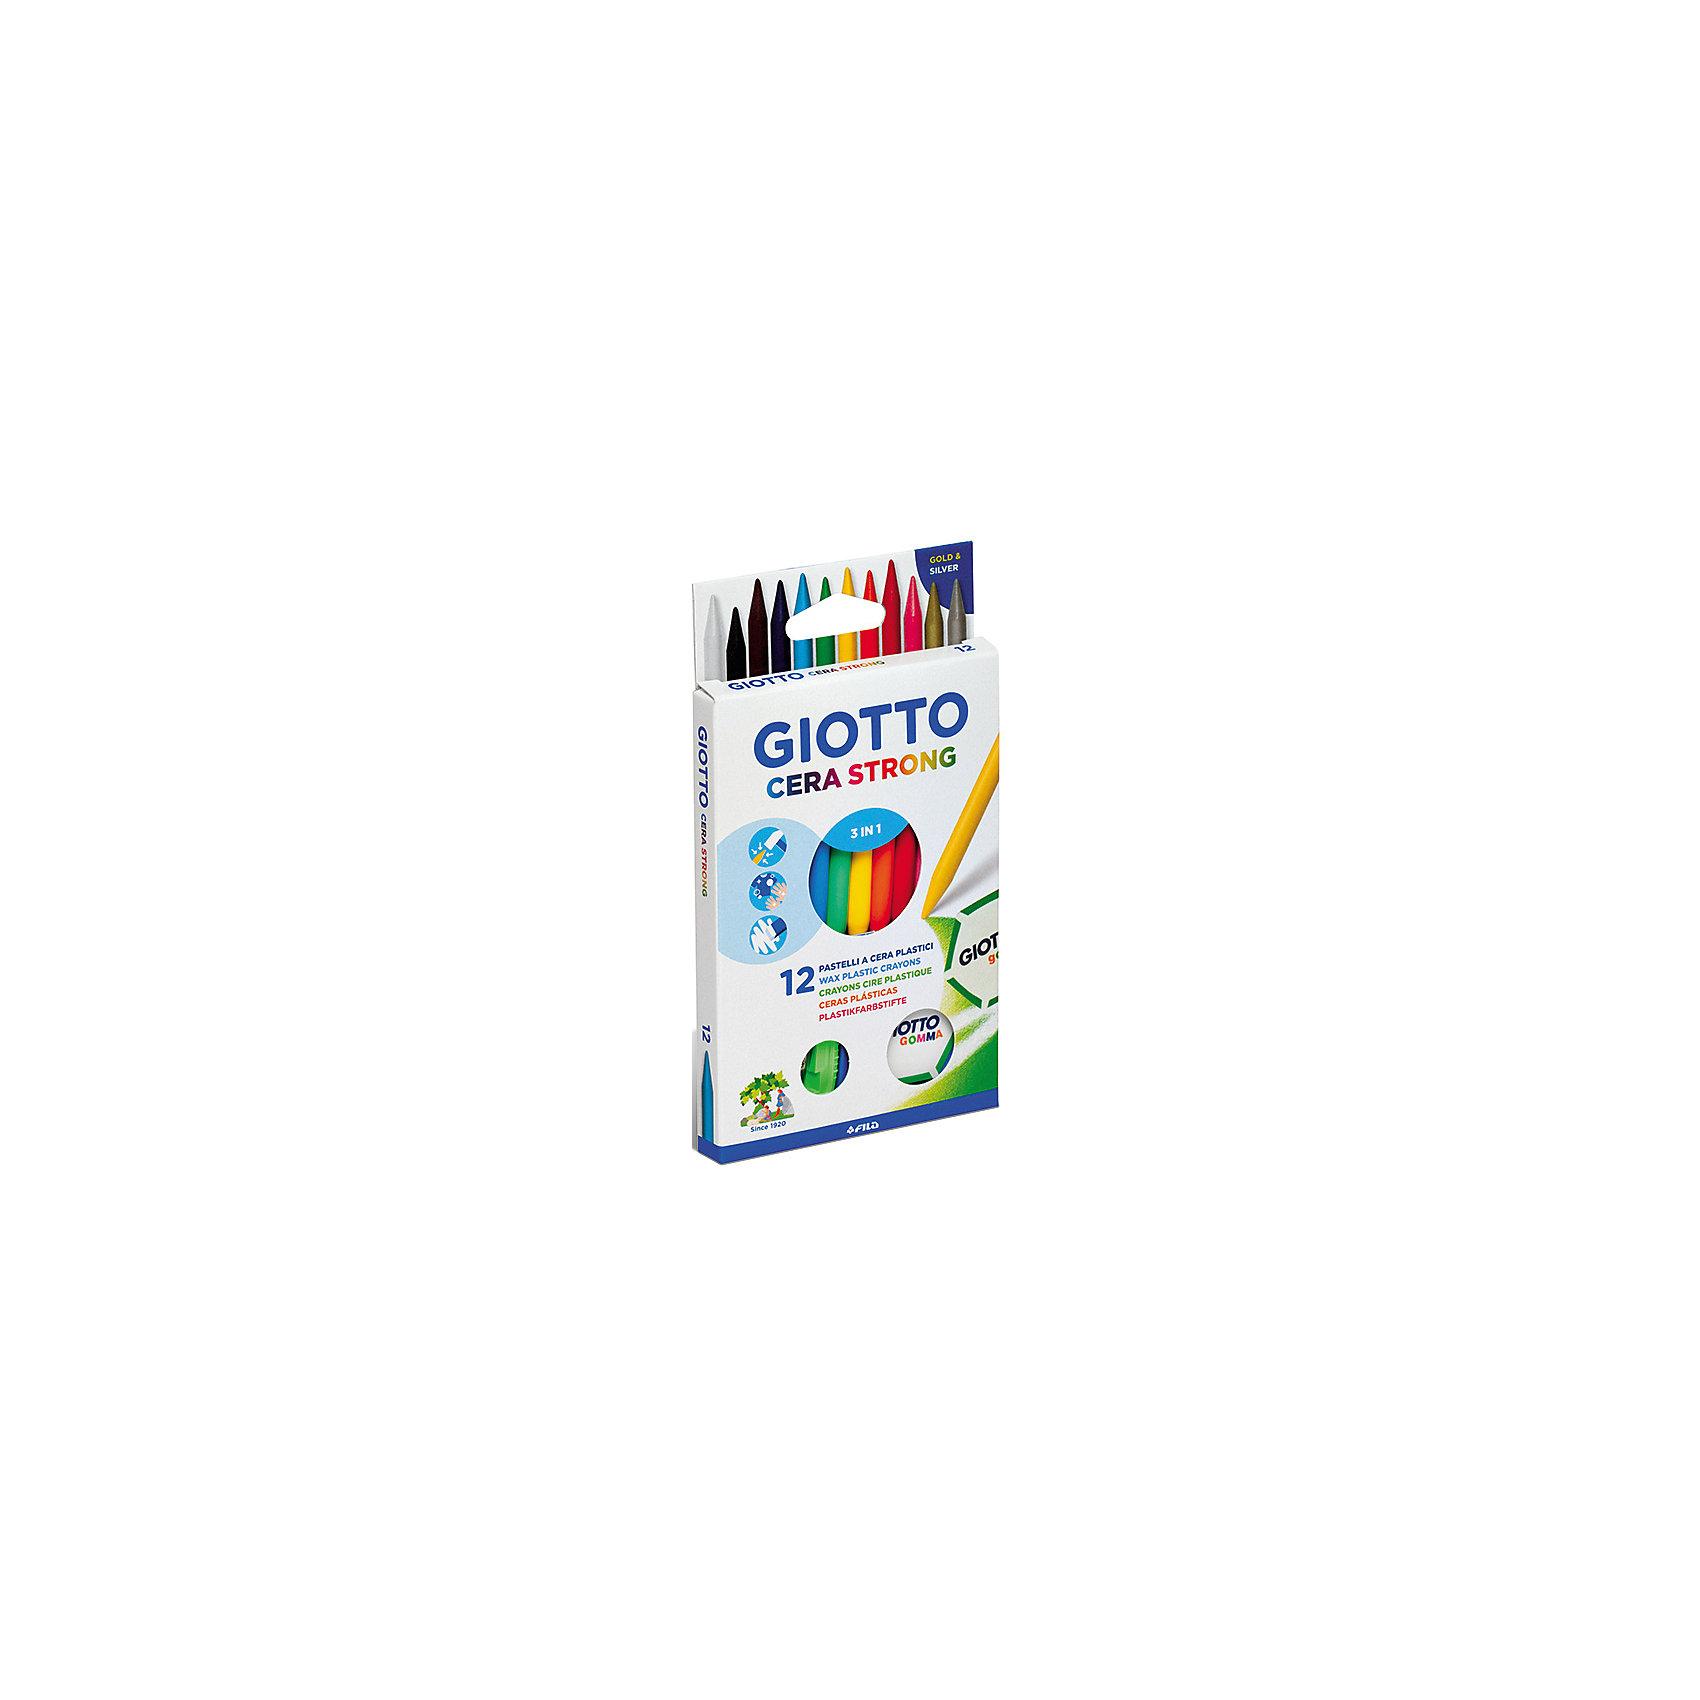 Пластиковые карандаши с  воском, 12 шт.Масляные и восковые мелки<br>Характеристики товара:<br><br>• в комплекте: 12 карандашей (12 цветов), ластик, точилка;<br>• диаметр карандаша: 8 мм;<br>• размер упаковки: 20х11х1,5 см;<br>• вес: 115 грамм;<br>• возраст: от 3 лет.<br><br>Giotto CERA STRONG - набор из 12 цветных пластиковых карандашей. Карандаши обладают высоким содержанием воска. Рисуют яркими и мягкими штрихами. Рисунок можно стереть при помощи ластика. В комплект входит точилка, предназначенная для заточки карандашей. Диаметр карандаша составляет 8 мм.<br><br>Giotto (Джотто) CERA STRONG Восковые карандаши с добавлением пластика 12цв+ластик+точилка можно купить в нашем интернет-магазине.<br><br>Ширина мм: 130<br>Глубина мм: 30<br>Высота мм: 200<br>Вес г: 150<br>Возраст от месяцев: 72<br>Возраст до месяцев: 120<br>Пол: Унисекс<br>Возраст: Детский<br>SKU: 5107799